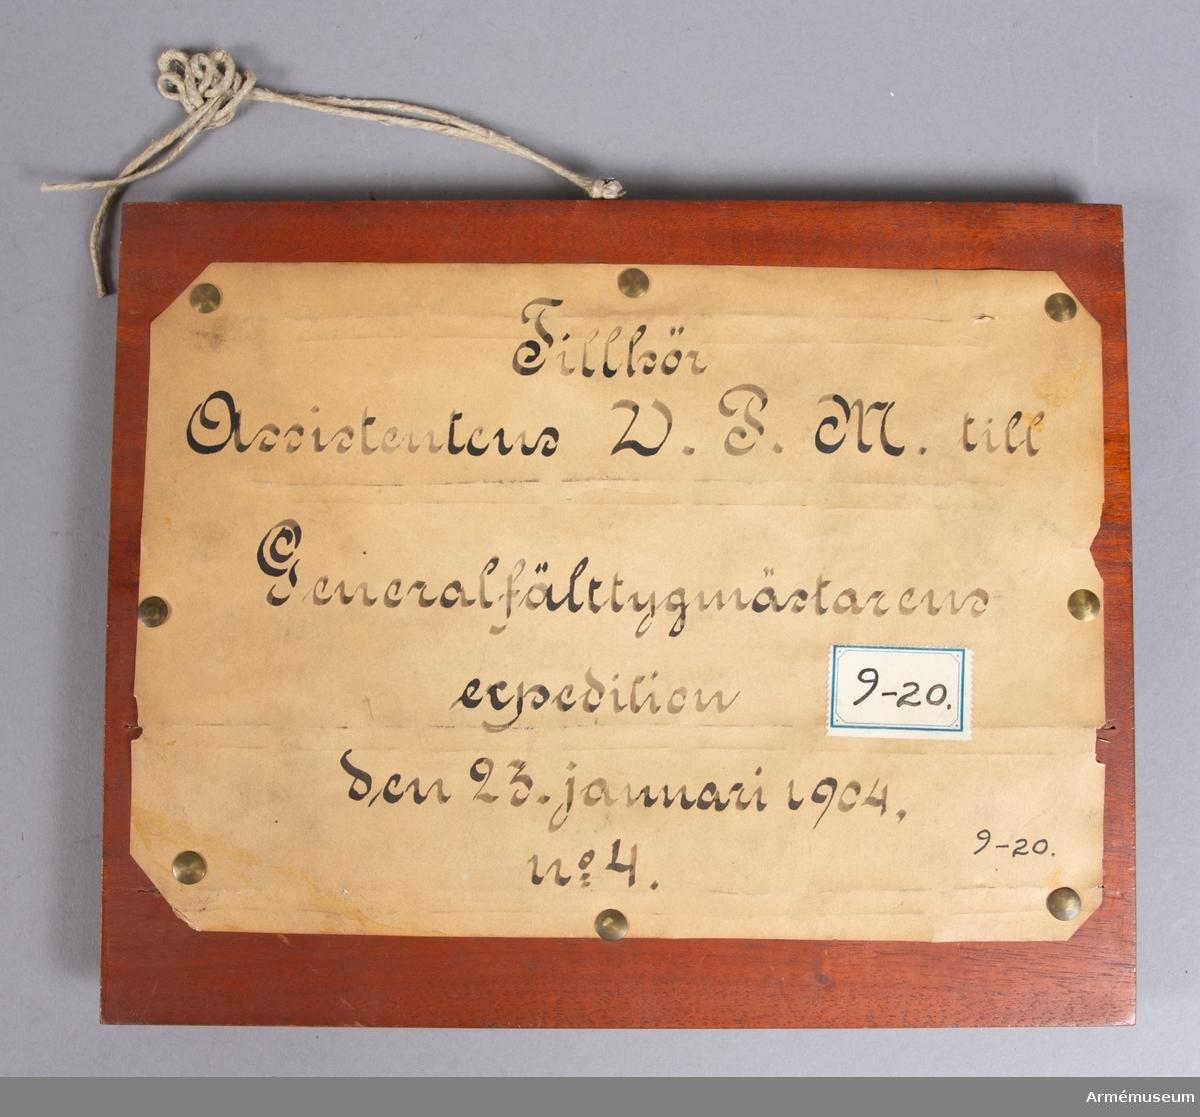 Grupp E V. Mont. på skiva märkt Ass. W.P.M. t Generalfälttygm. exp 1904. Nr 13.